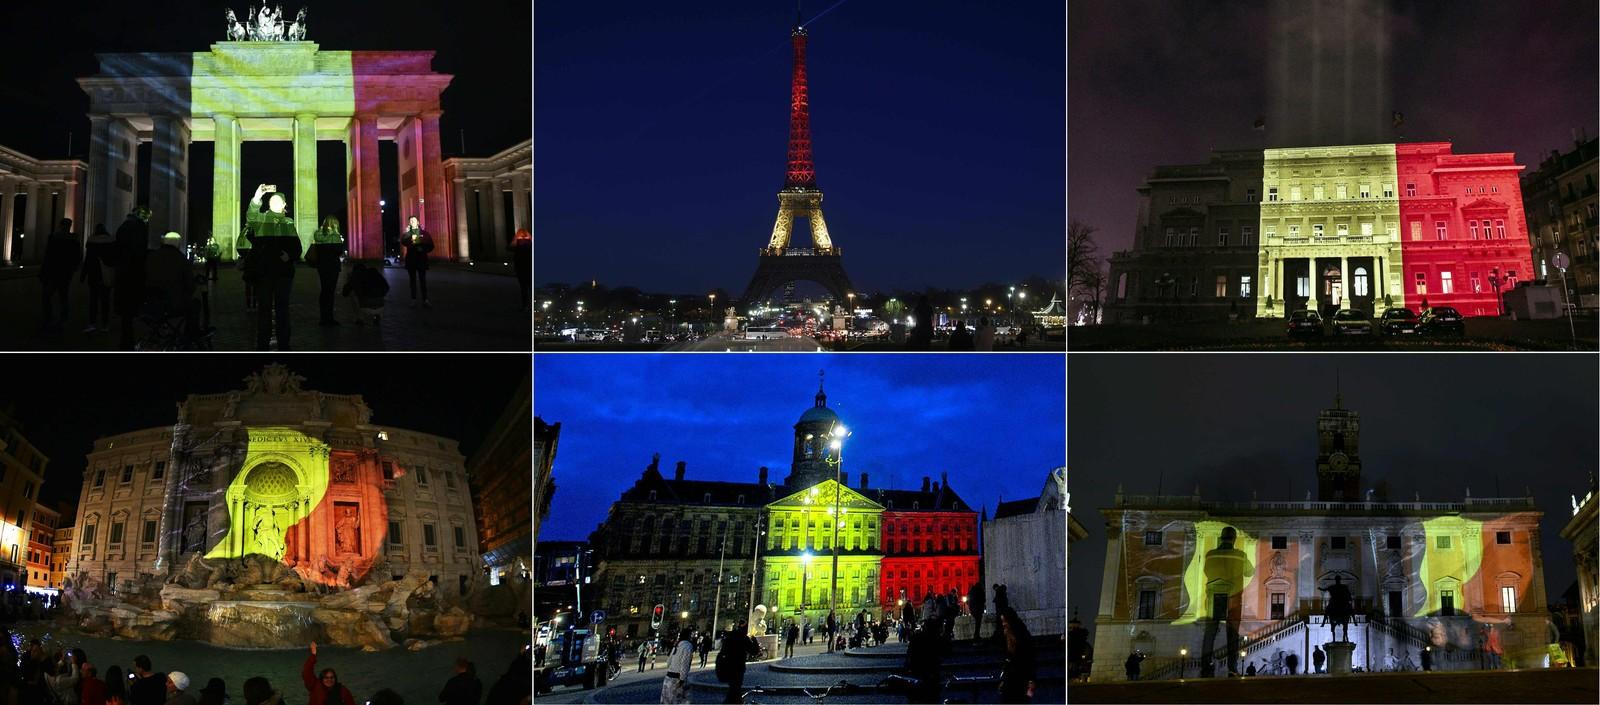 Brandenburger Tor i Berlin, Eiffel-tårnet i Paris, rådhuset i Beograd, Trevi-fontenen i Roma, det kongelige slottet i Amsterdam og Romas Campidoglio lyste opp i belgiske farger for å minnes terrorofrene i Brussel i mars.